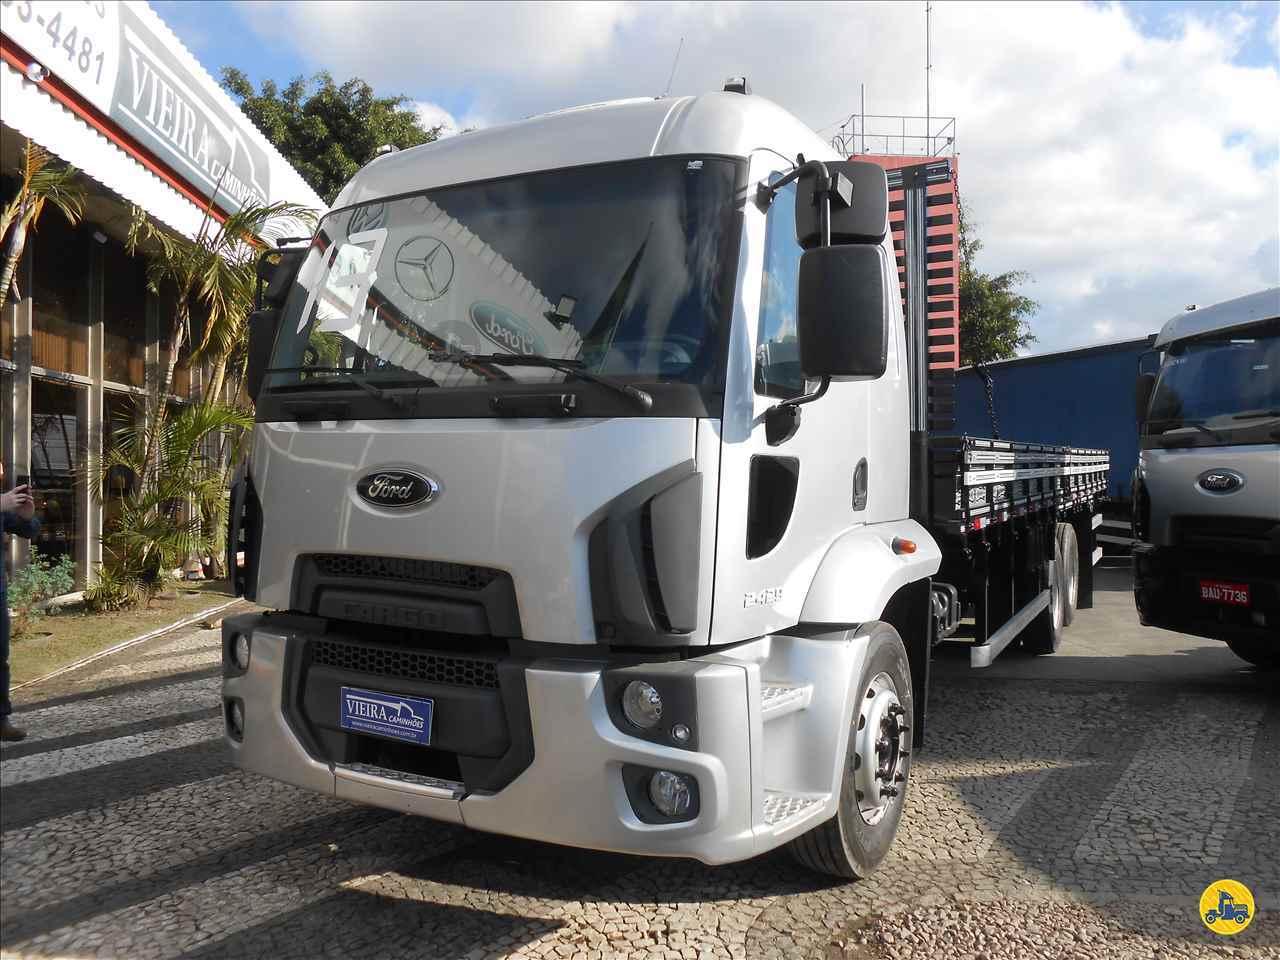 CAMINHAO FORD CARGO 2429 Carga Seca Truck 6x2 Vieira Caminhões CURITIBA PARANÁ PR